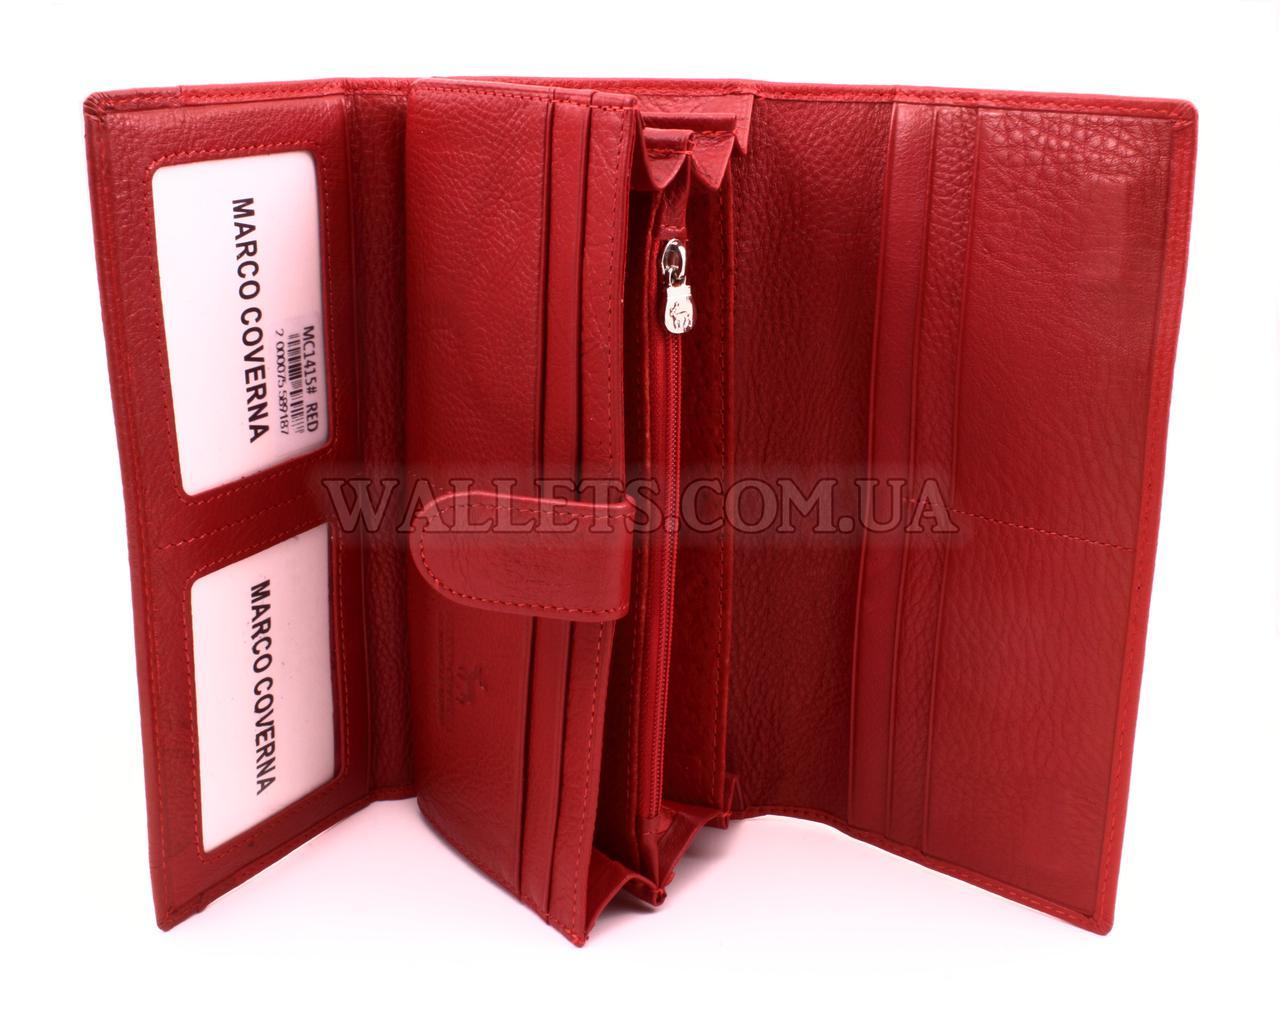 c090891dedbd Женский кожаный кошелек Marco Coverna с визитницей (MC1415) на магнитах,  красный - Интернет